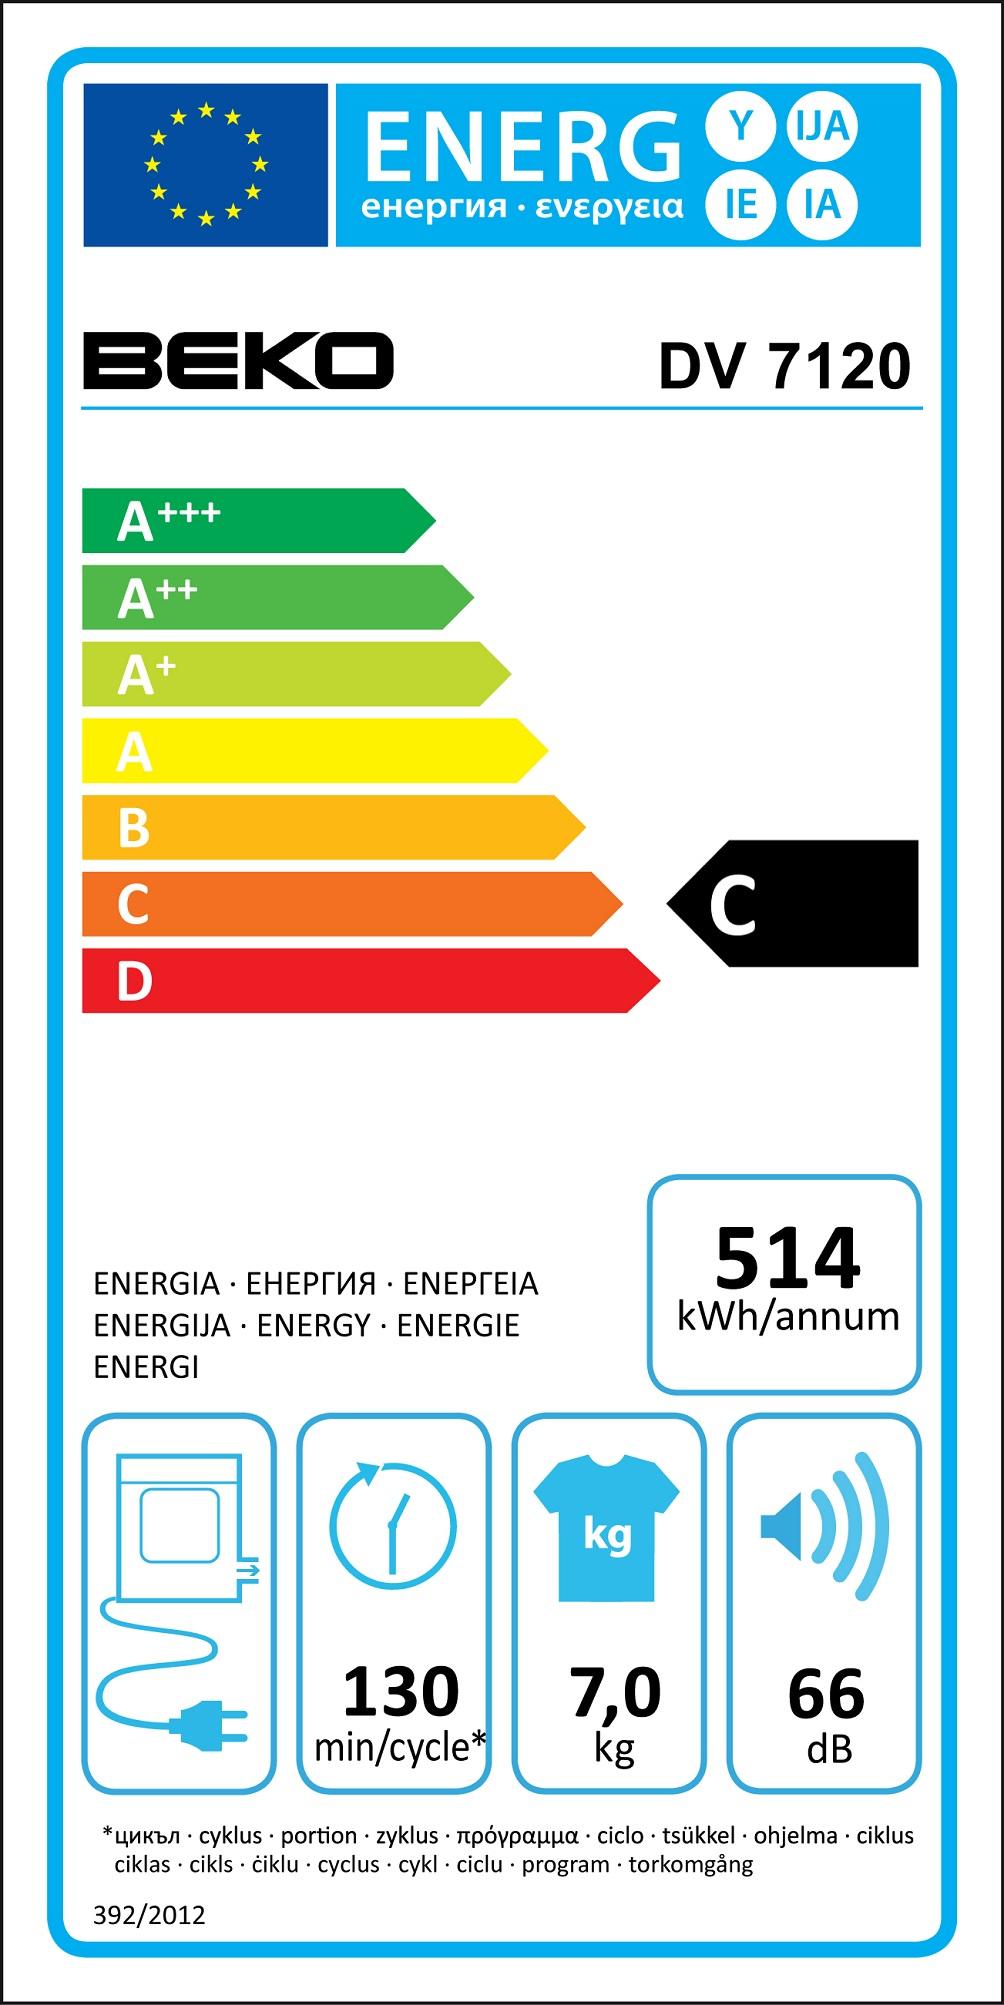 Energieklasse C||6